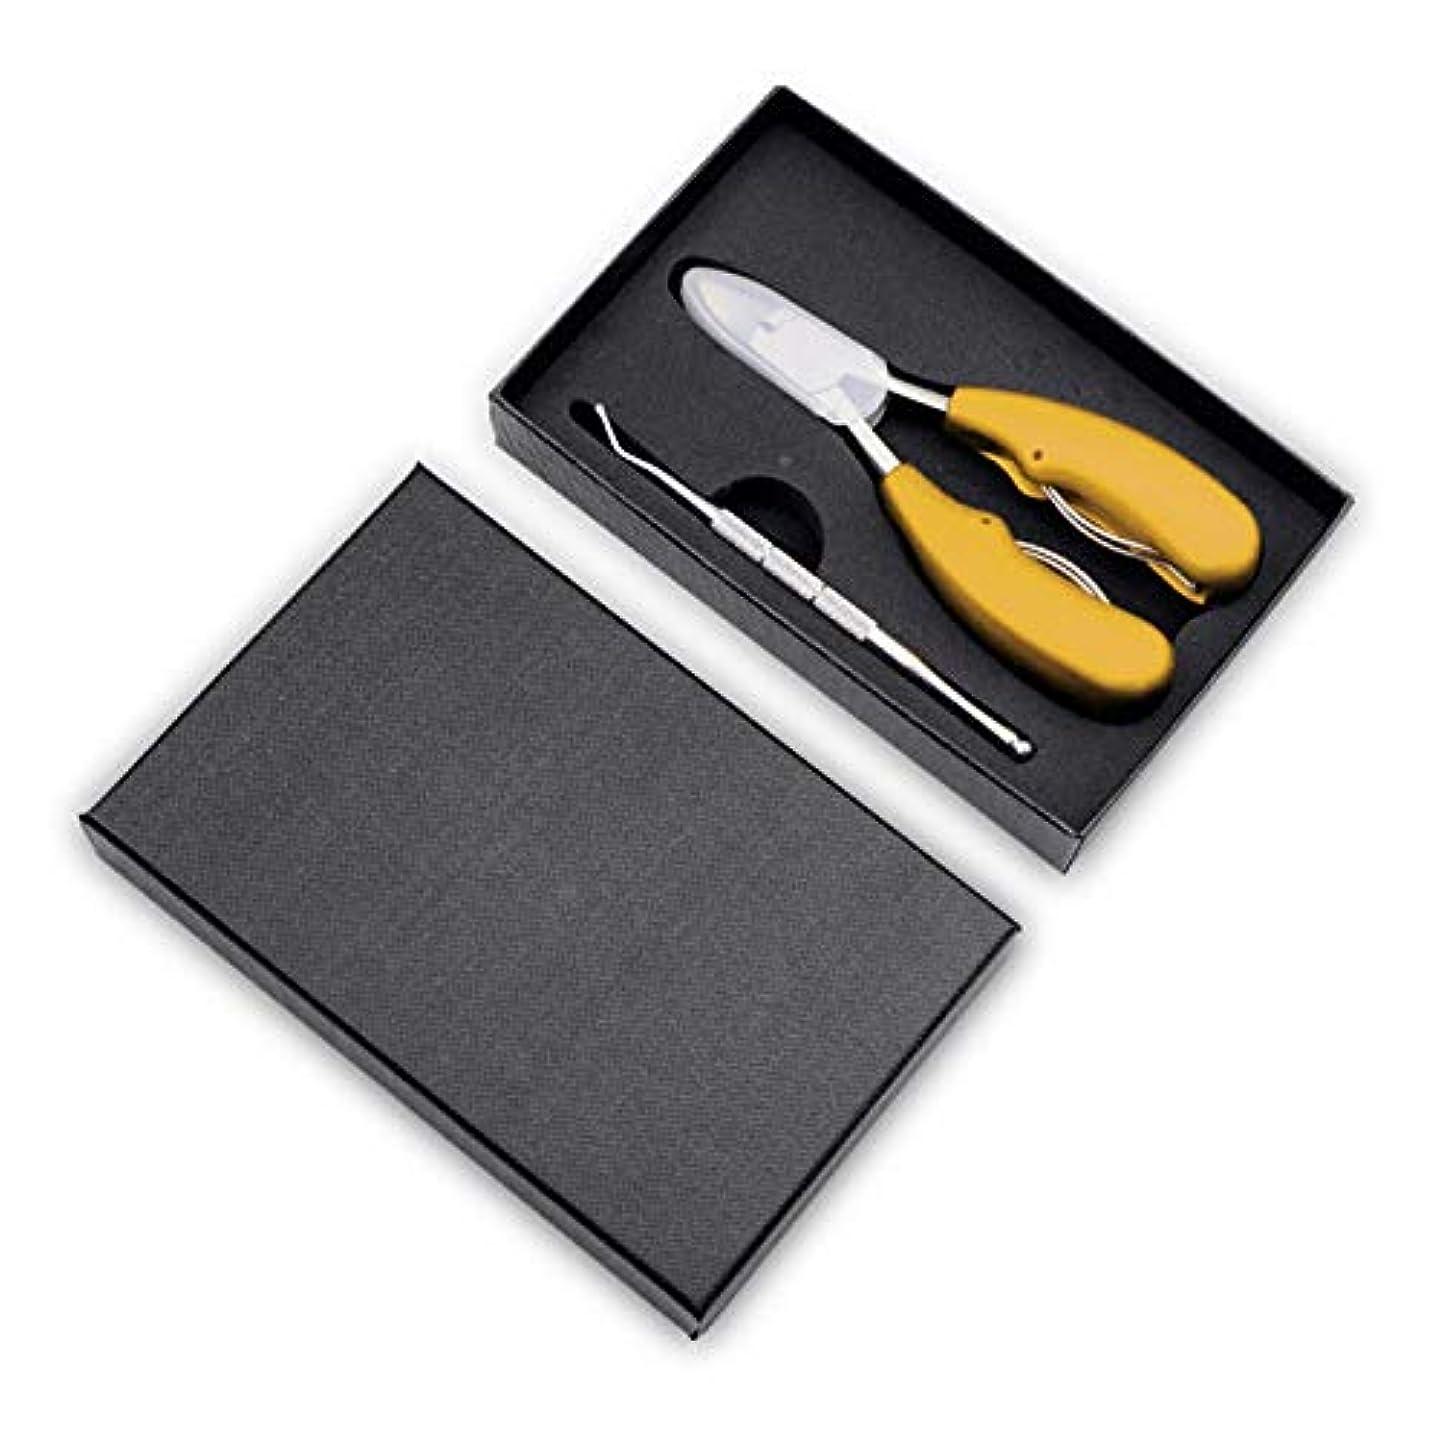 聖歌コンベンション振るMajoreal 爪切り 専門の頑丈な厚いつま先の爪切りの足病学のステンレス鋼